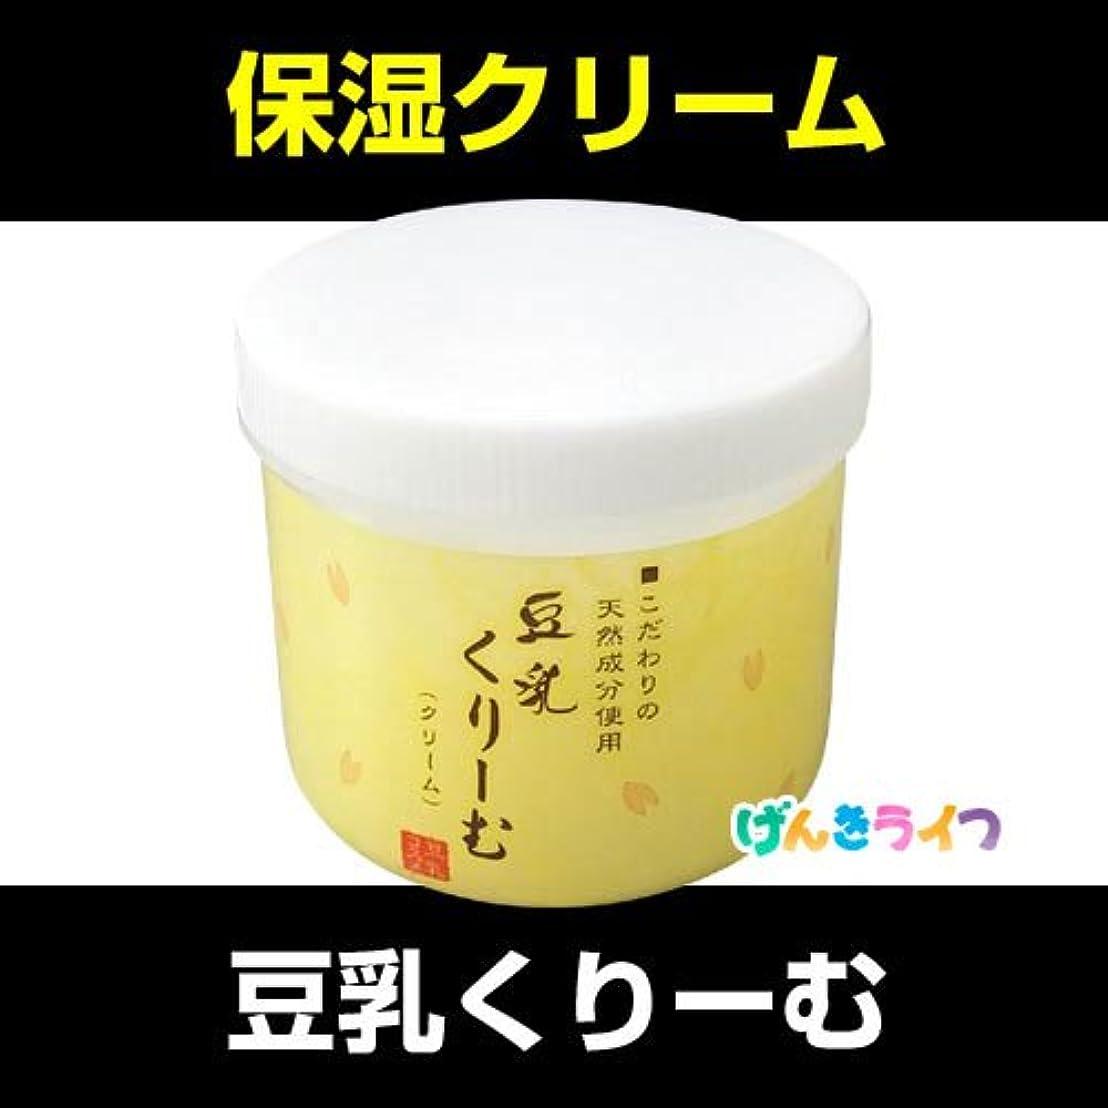 また明日ねロデオ小さな吉野ふじや謹製 とうにゅうくりーむ(豆乳クリーム)【3個】